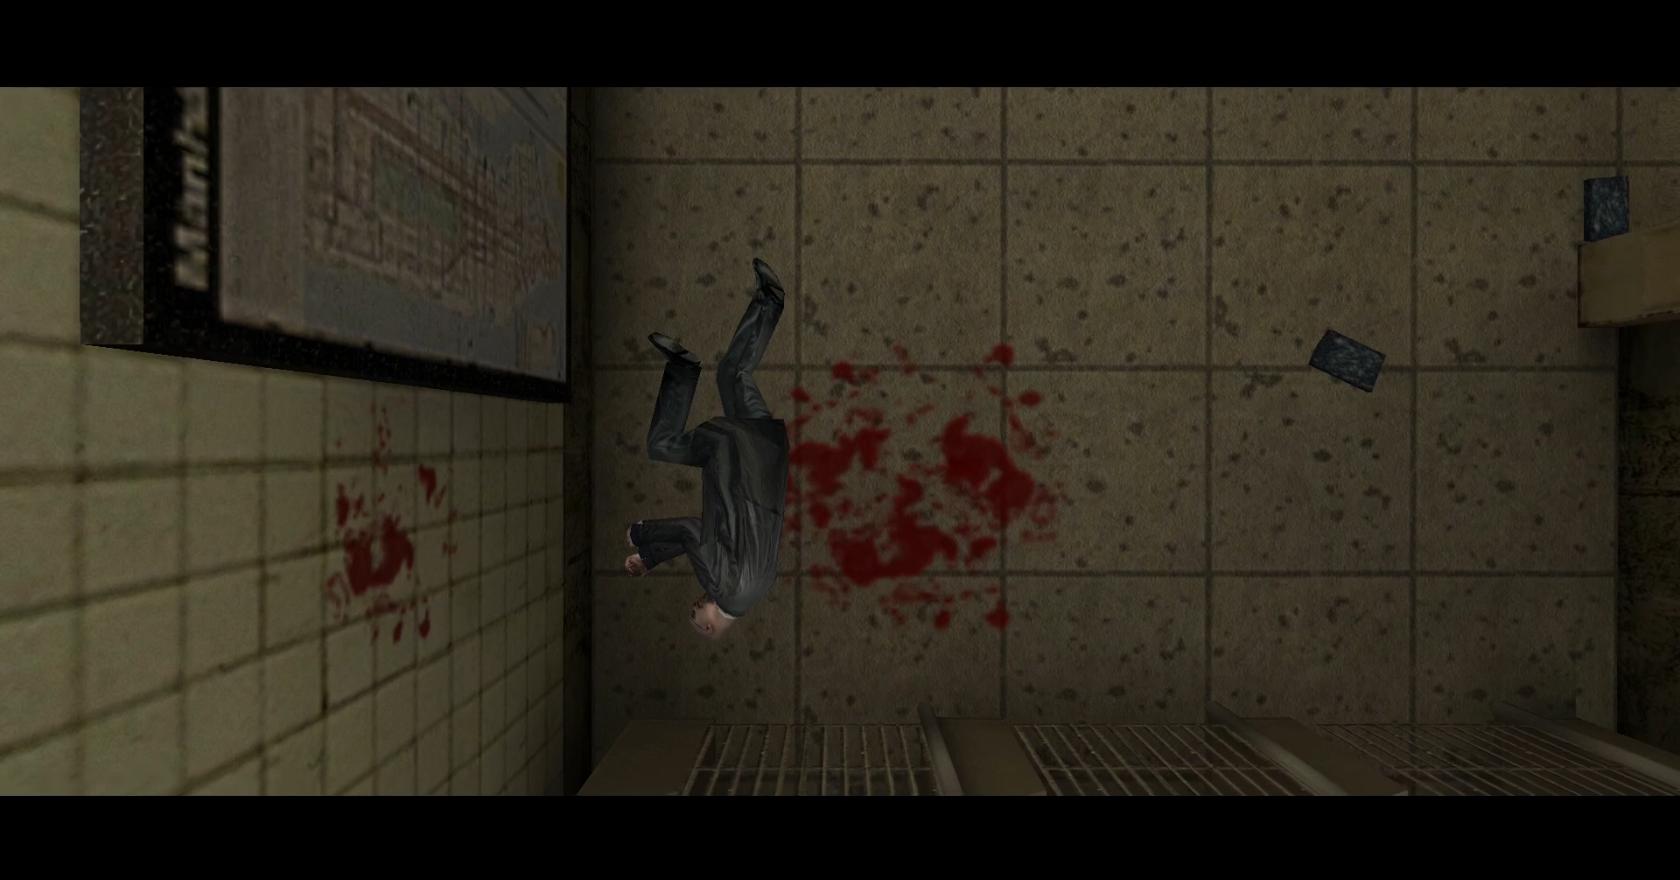 Философия мести   Ностальгический обзор игры Max Payne. - Изображение 5